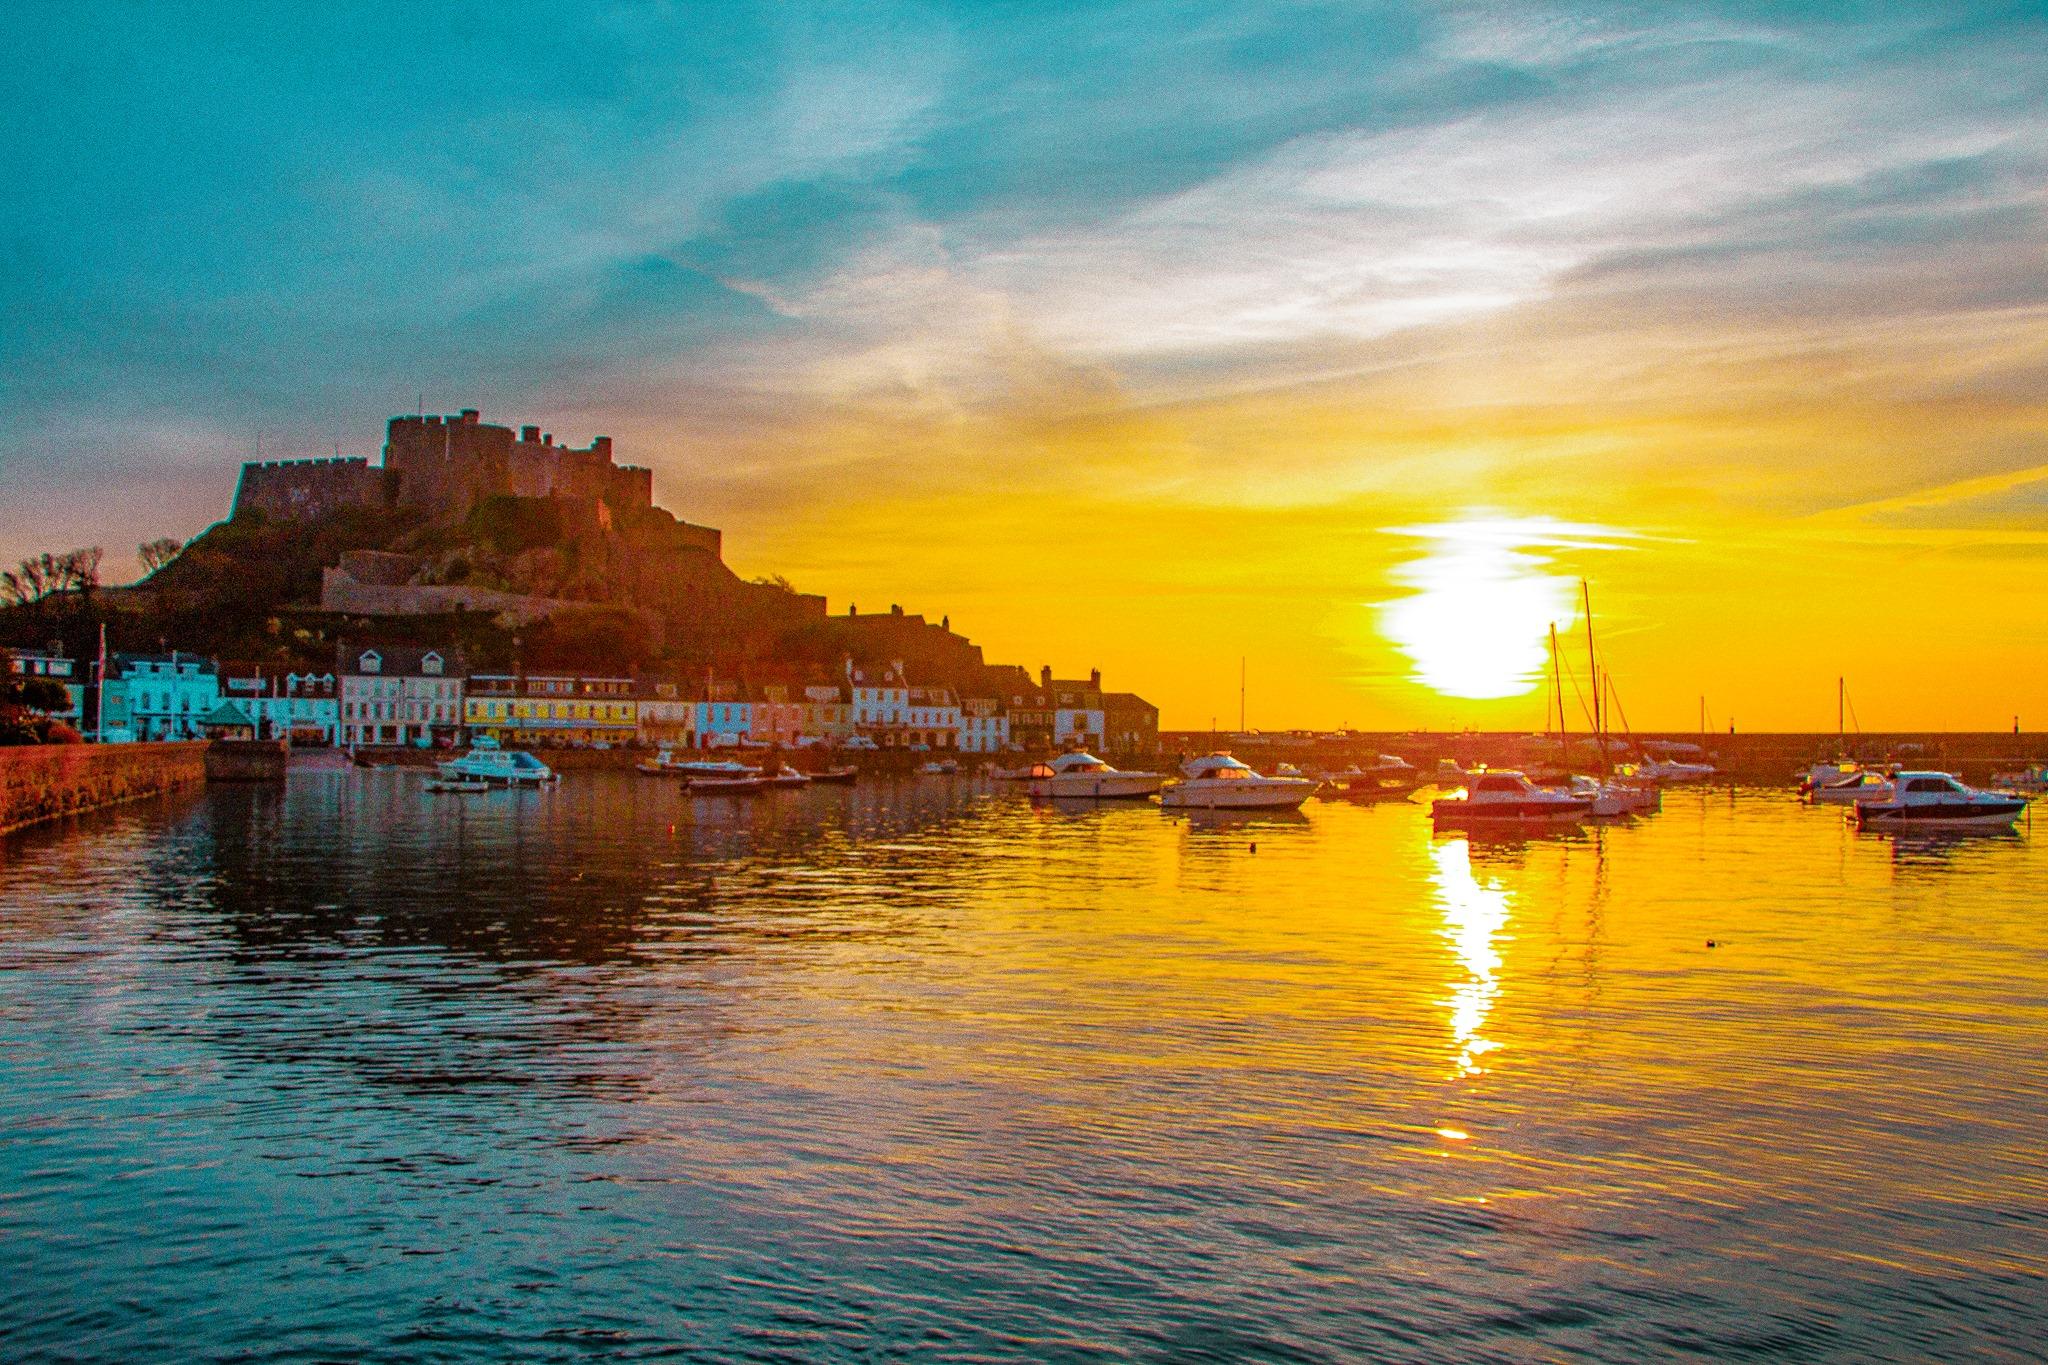 sunrise Gorey harbour